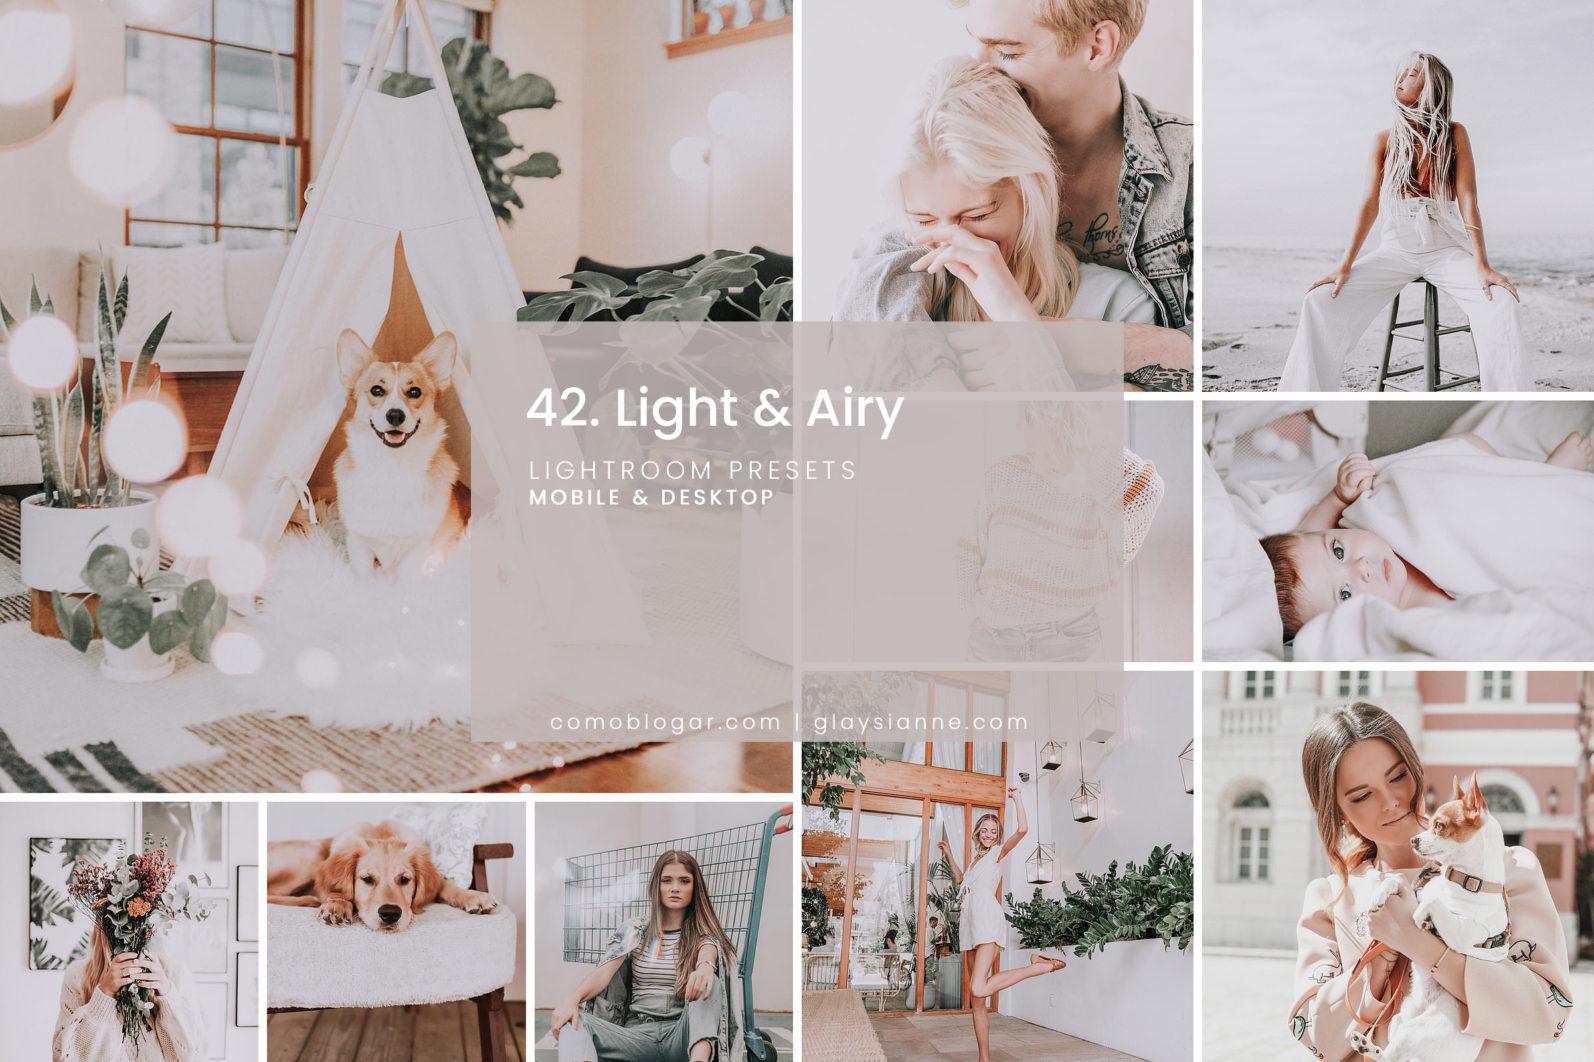 42. Light & Airy - 42.lightandairy 01 1 -